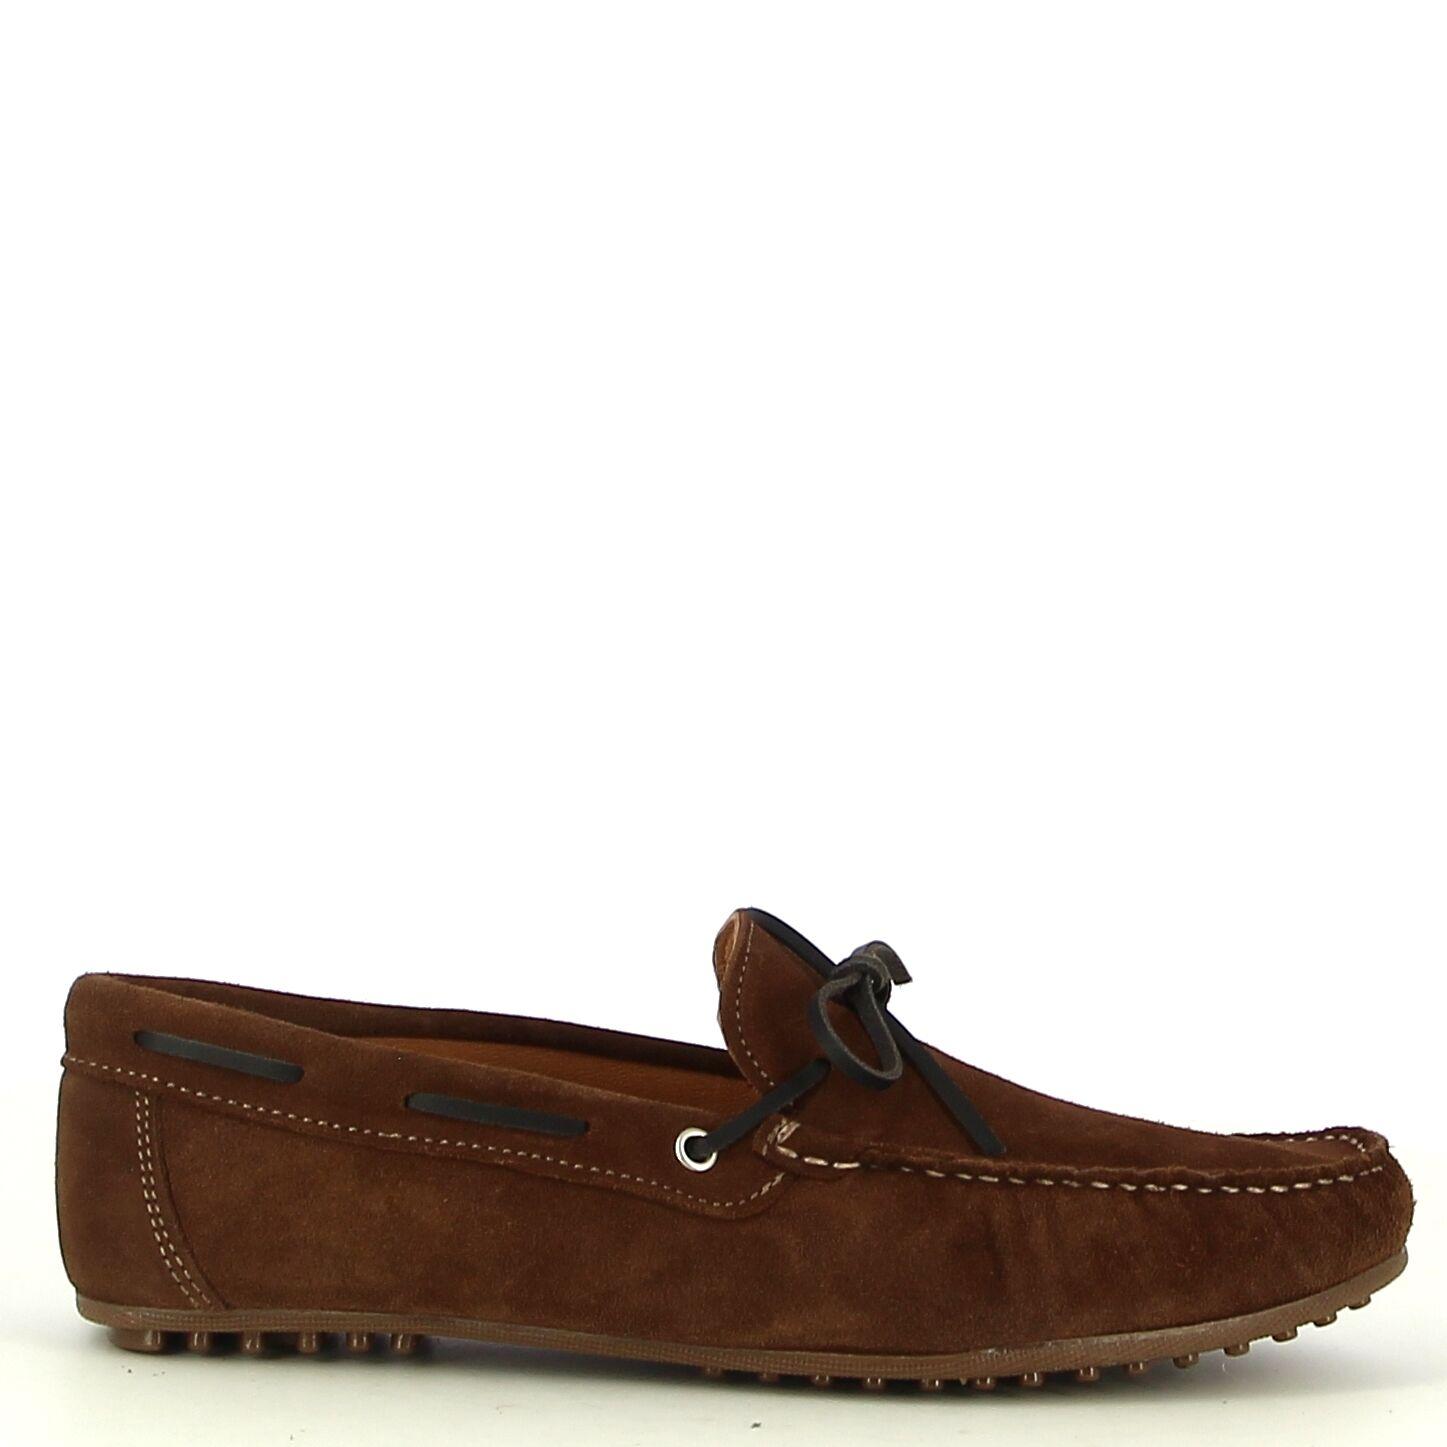 Ken Shoe Fashion - Bruine mocassins met zwarte details